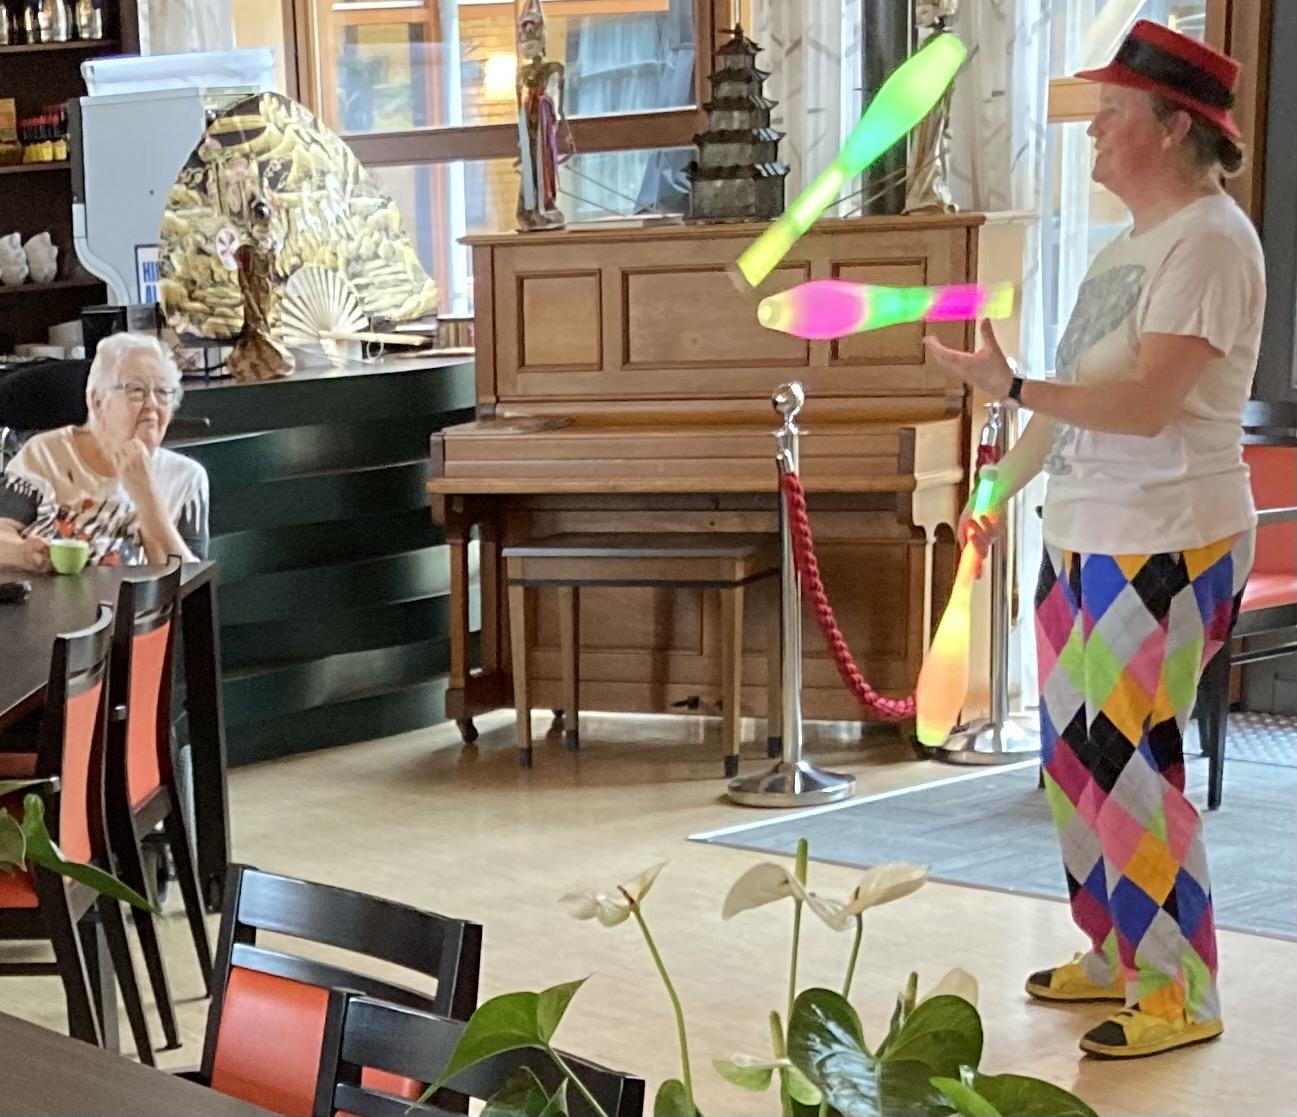 Jongleur Kiko leuke, interactieve en verassende corona-proof jongleershow voor ouderen in verpleeghuizen nabijheid op afstand jonglerend met lichtgevende kegels